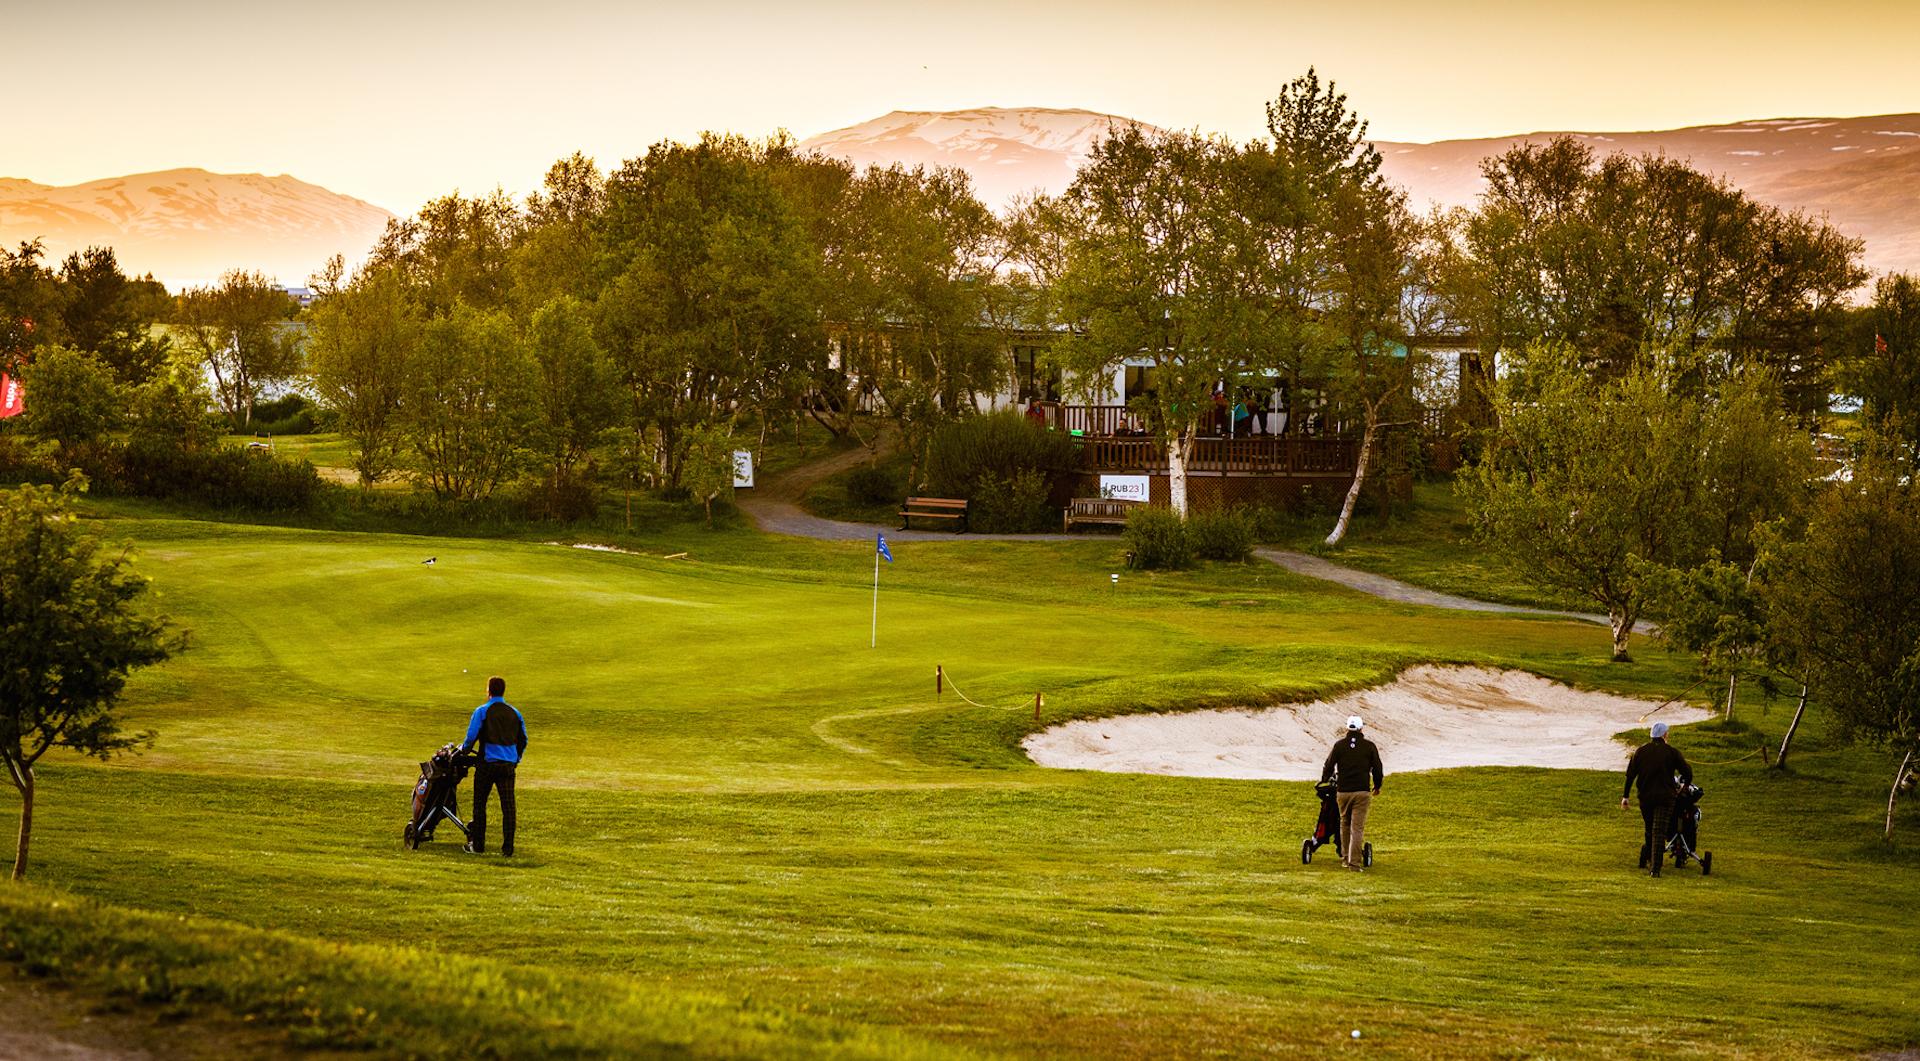 Áttu von á meiri vilja bæjarins gagnvart Íslandsmótinu í golfi